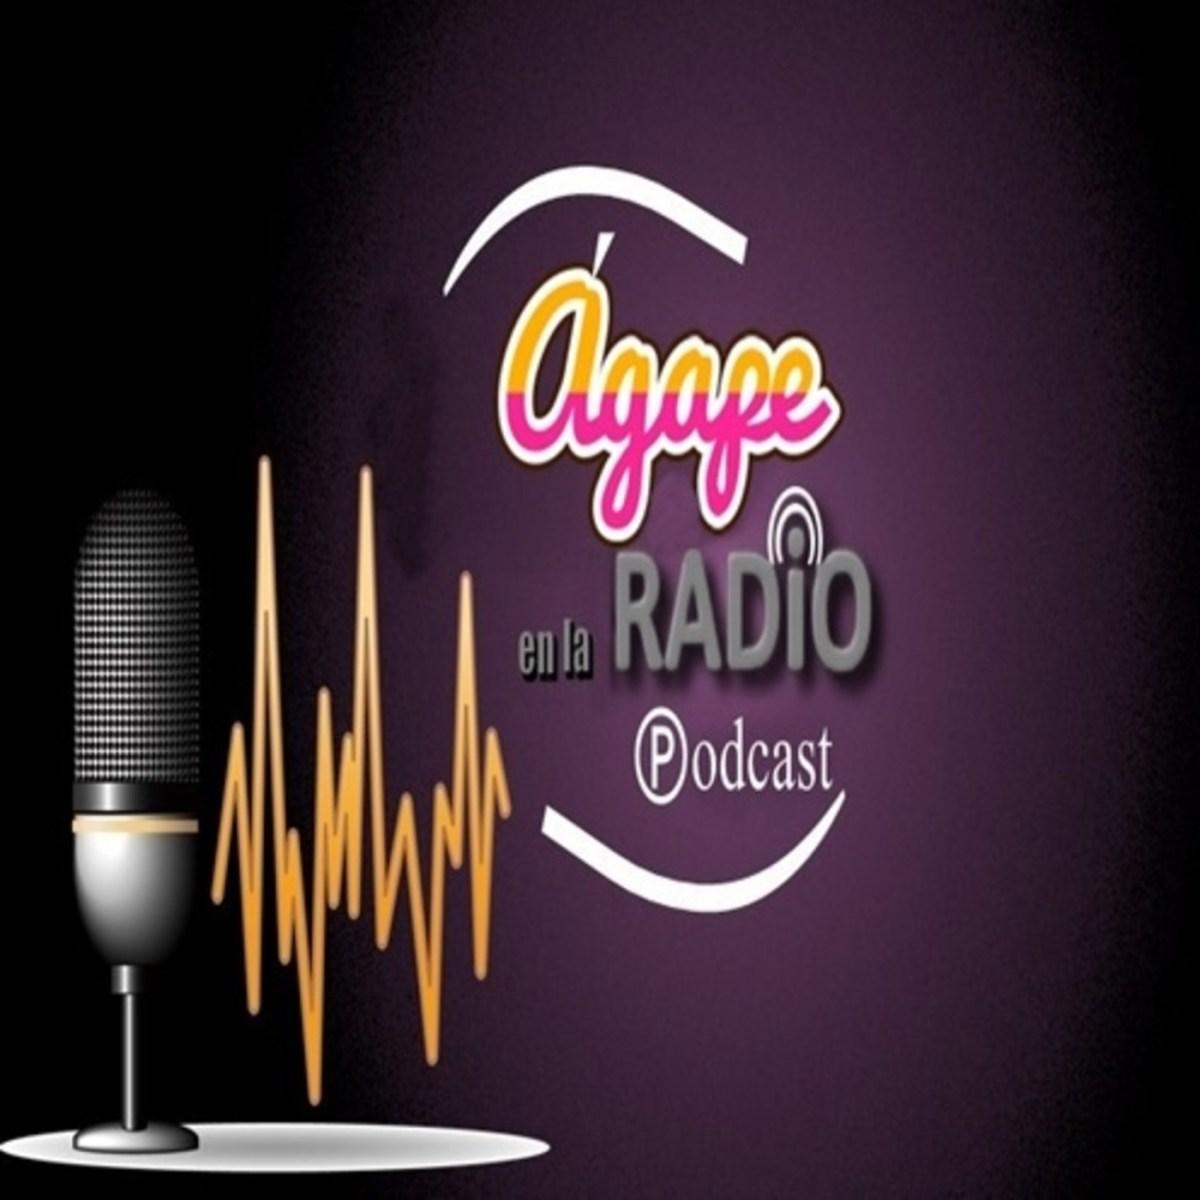 Ágape en la Radio Podcast & Streaming